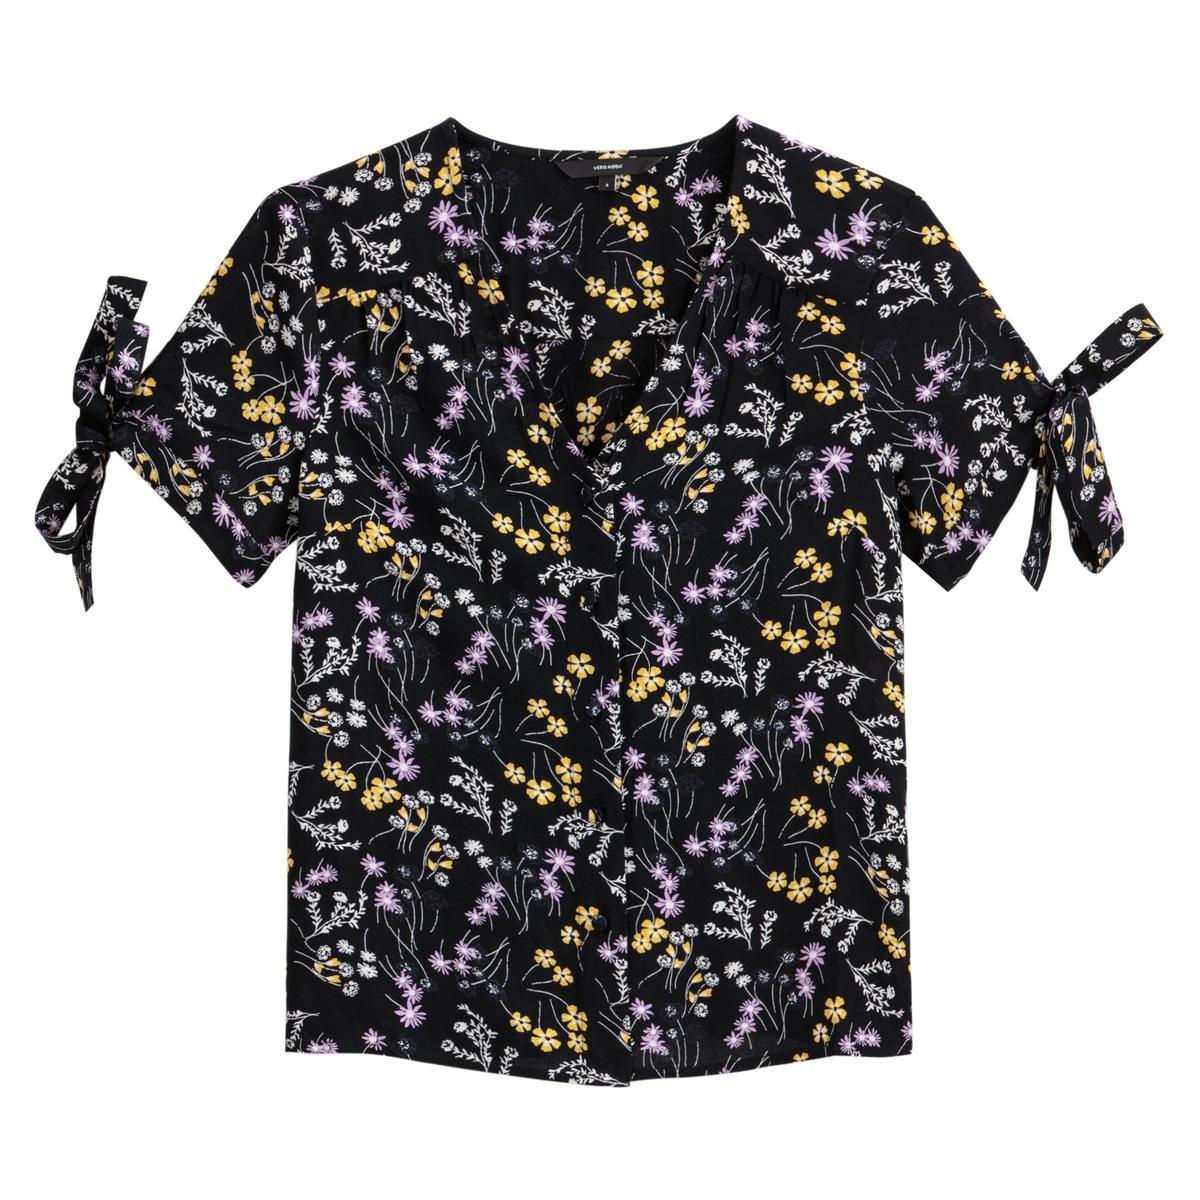 Блузка La Redoute С V-образным вырезом цветочным рисунком и короткими рукавами Lotus S черный блузка la redoute с круглым вырезом цветочным рисунком и длинными рукавами s черный